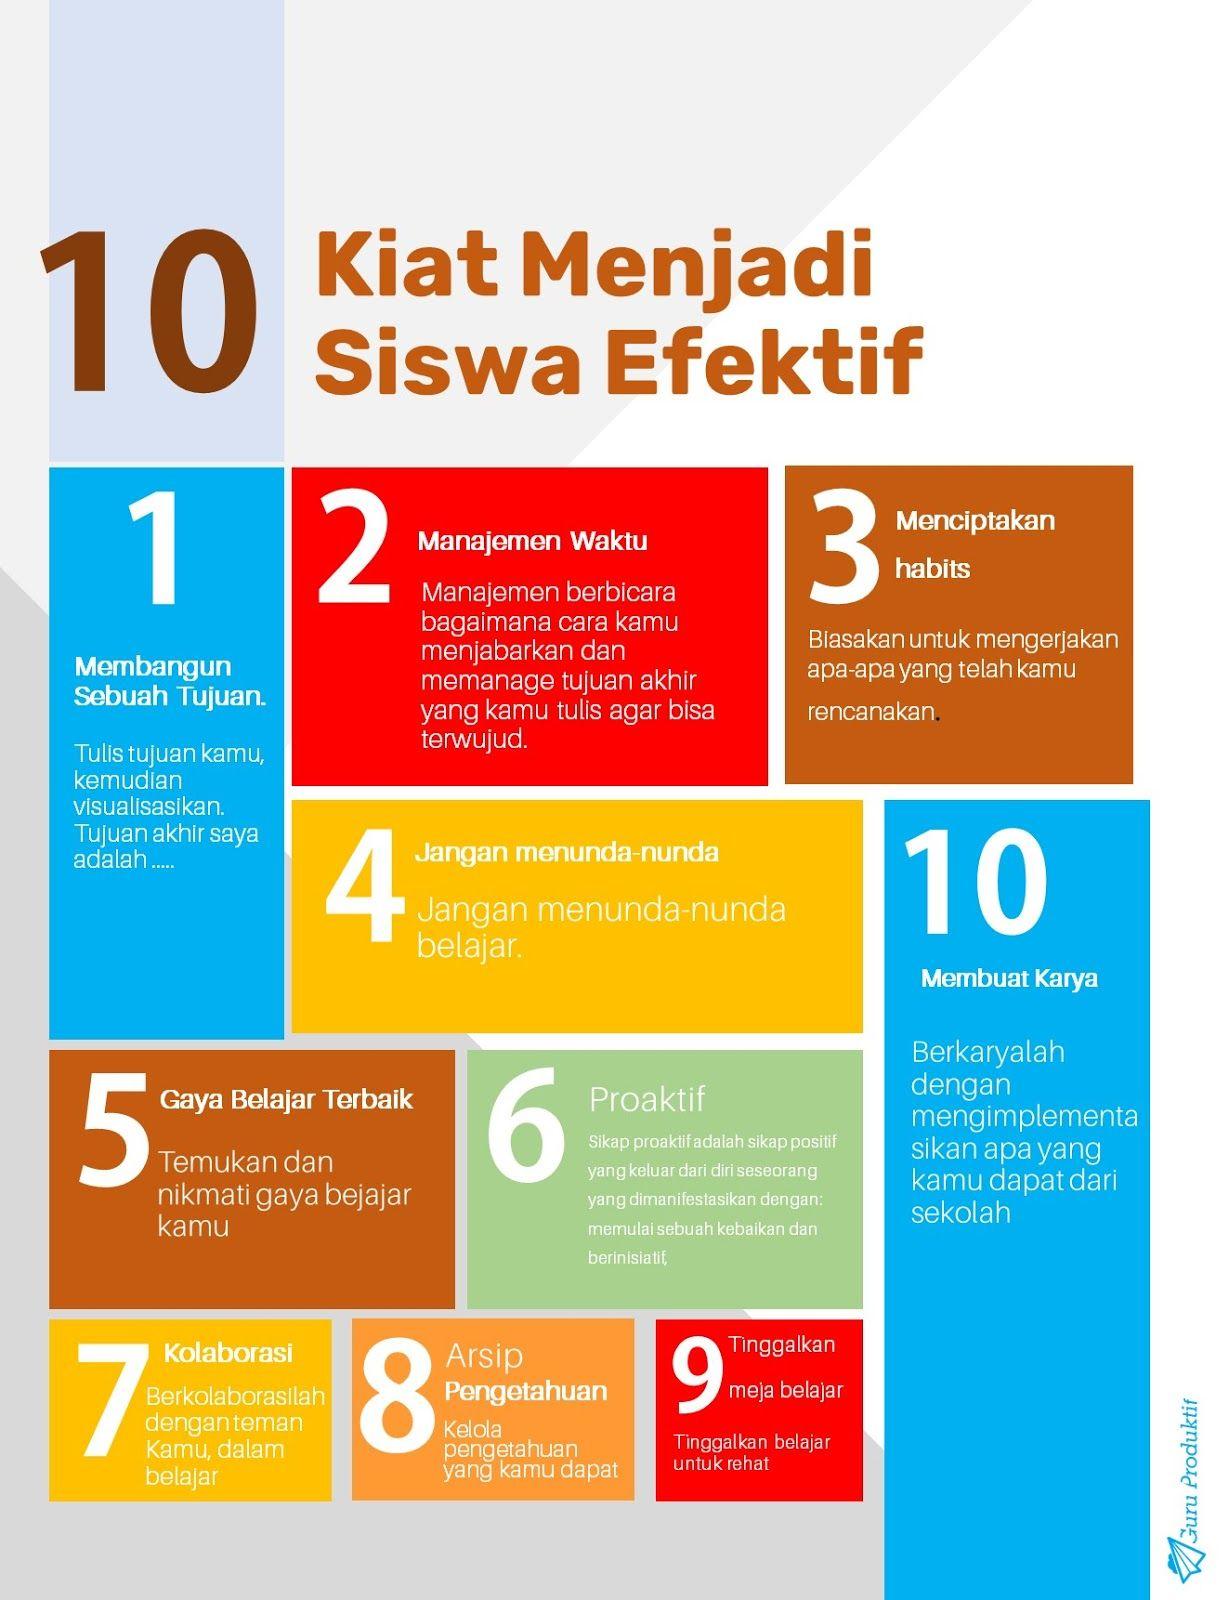 10 Kiat Menjadi Siswa Efektif Siswateladan Tipsiswa Guruproduktif Tipspendidikan Pendidikan Mediapendidikan Belajar Pendidikan Kutipan Pendidikan